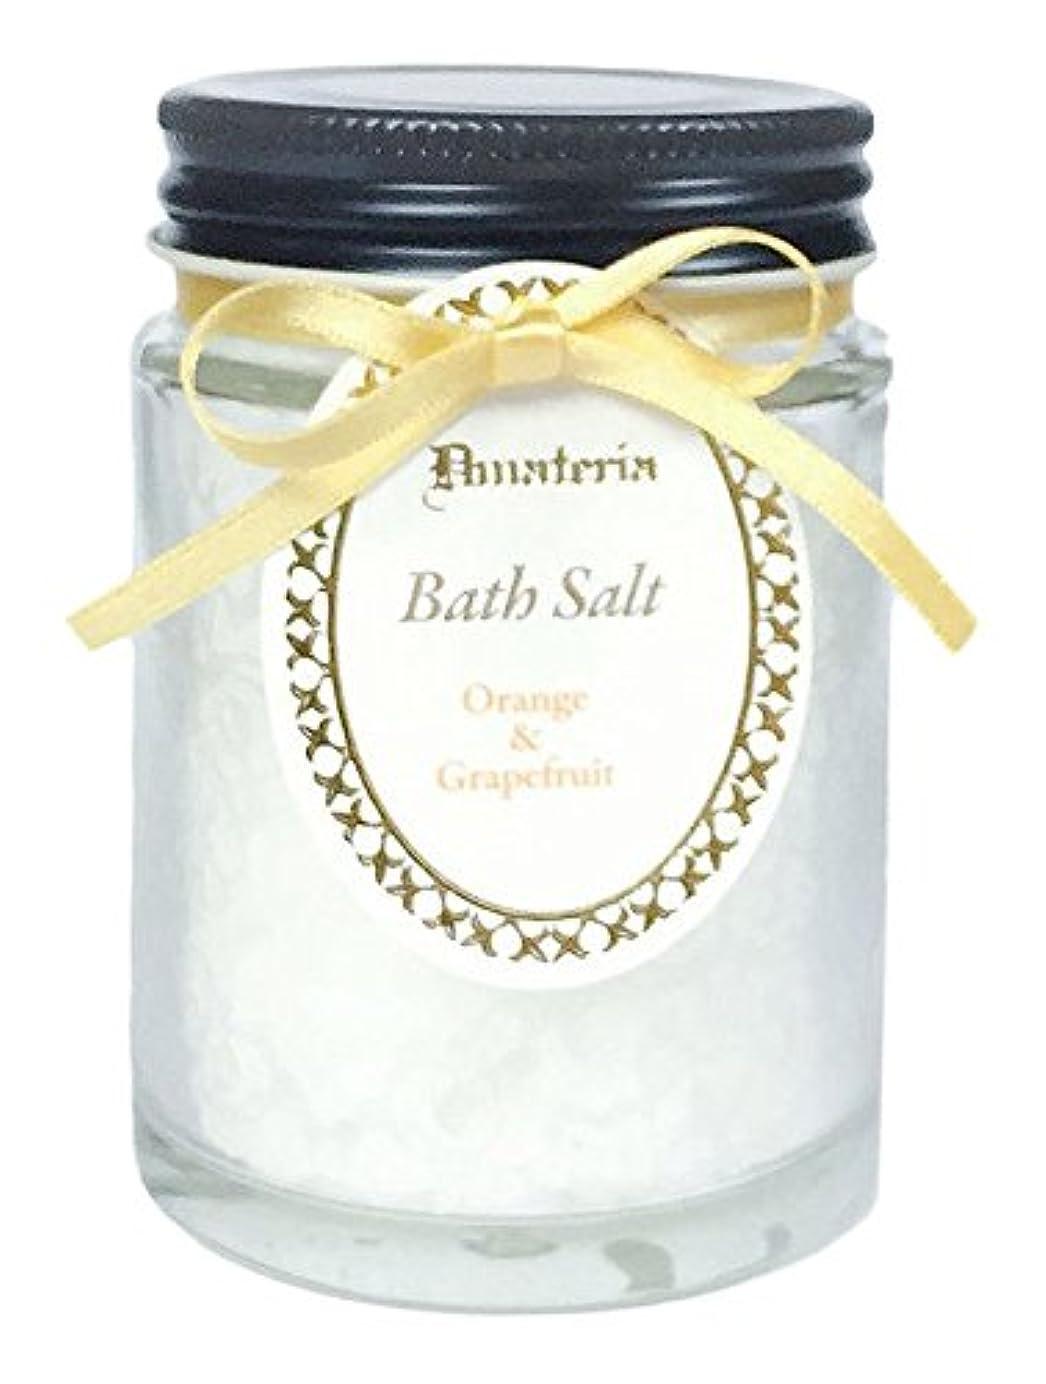 病者政令合併D materia バスソルト オレンジ&グレープフルーツ Orange&Grapefruit Bath Salt ディーマテリア